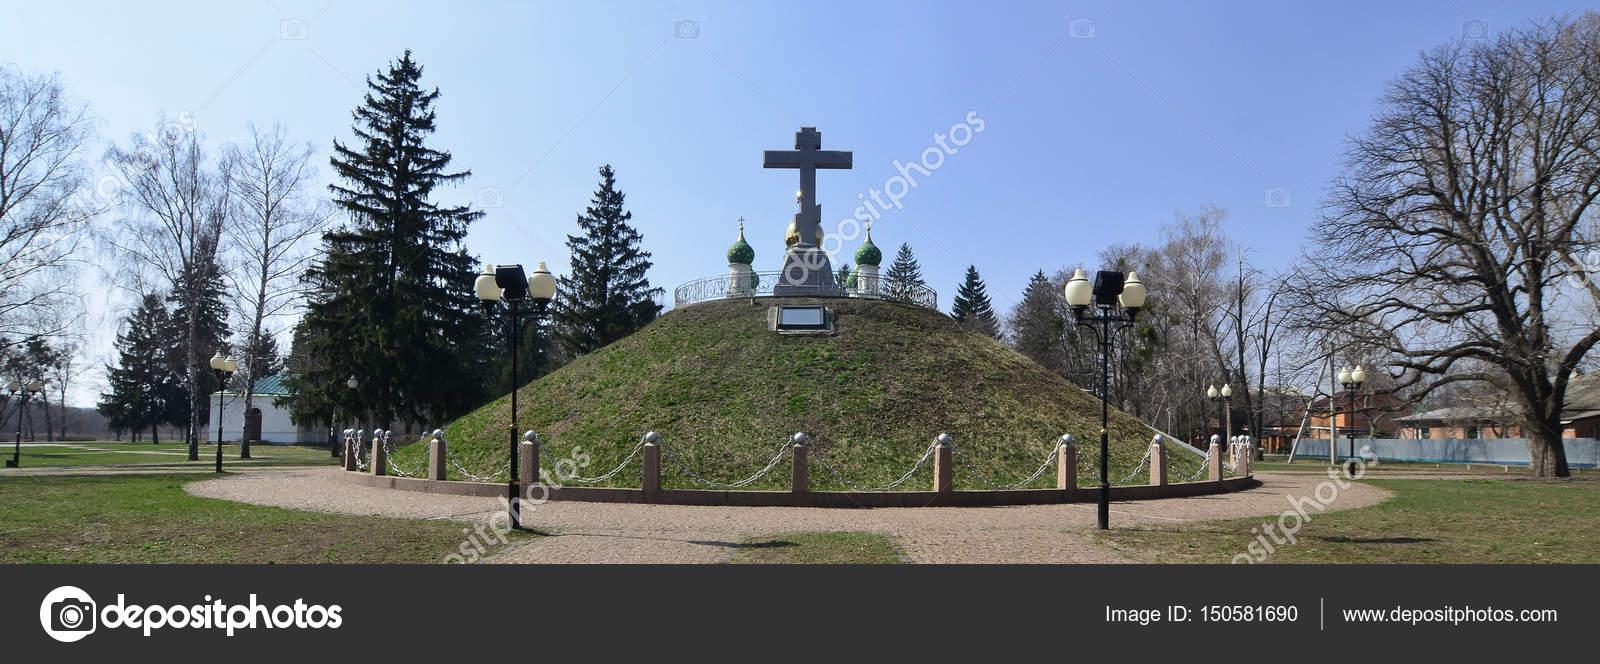 ポルタヴァ、ウクライナにロシア...